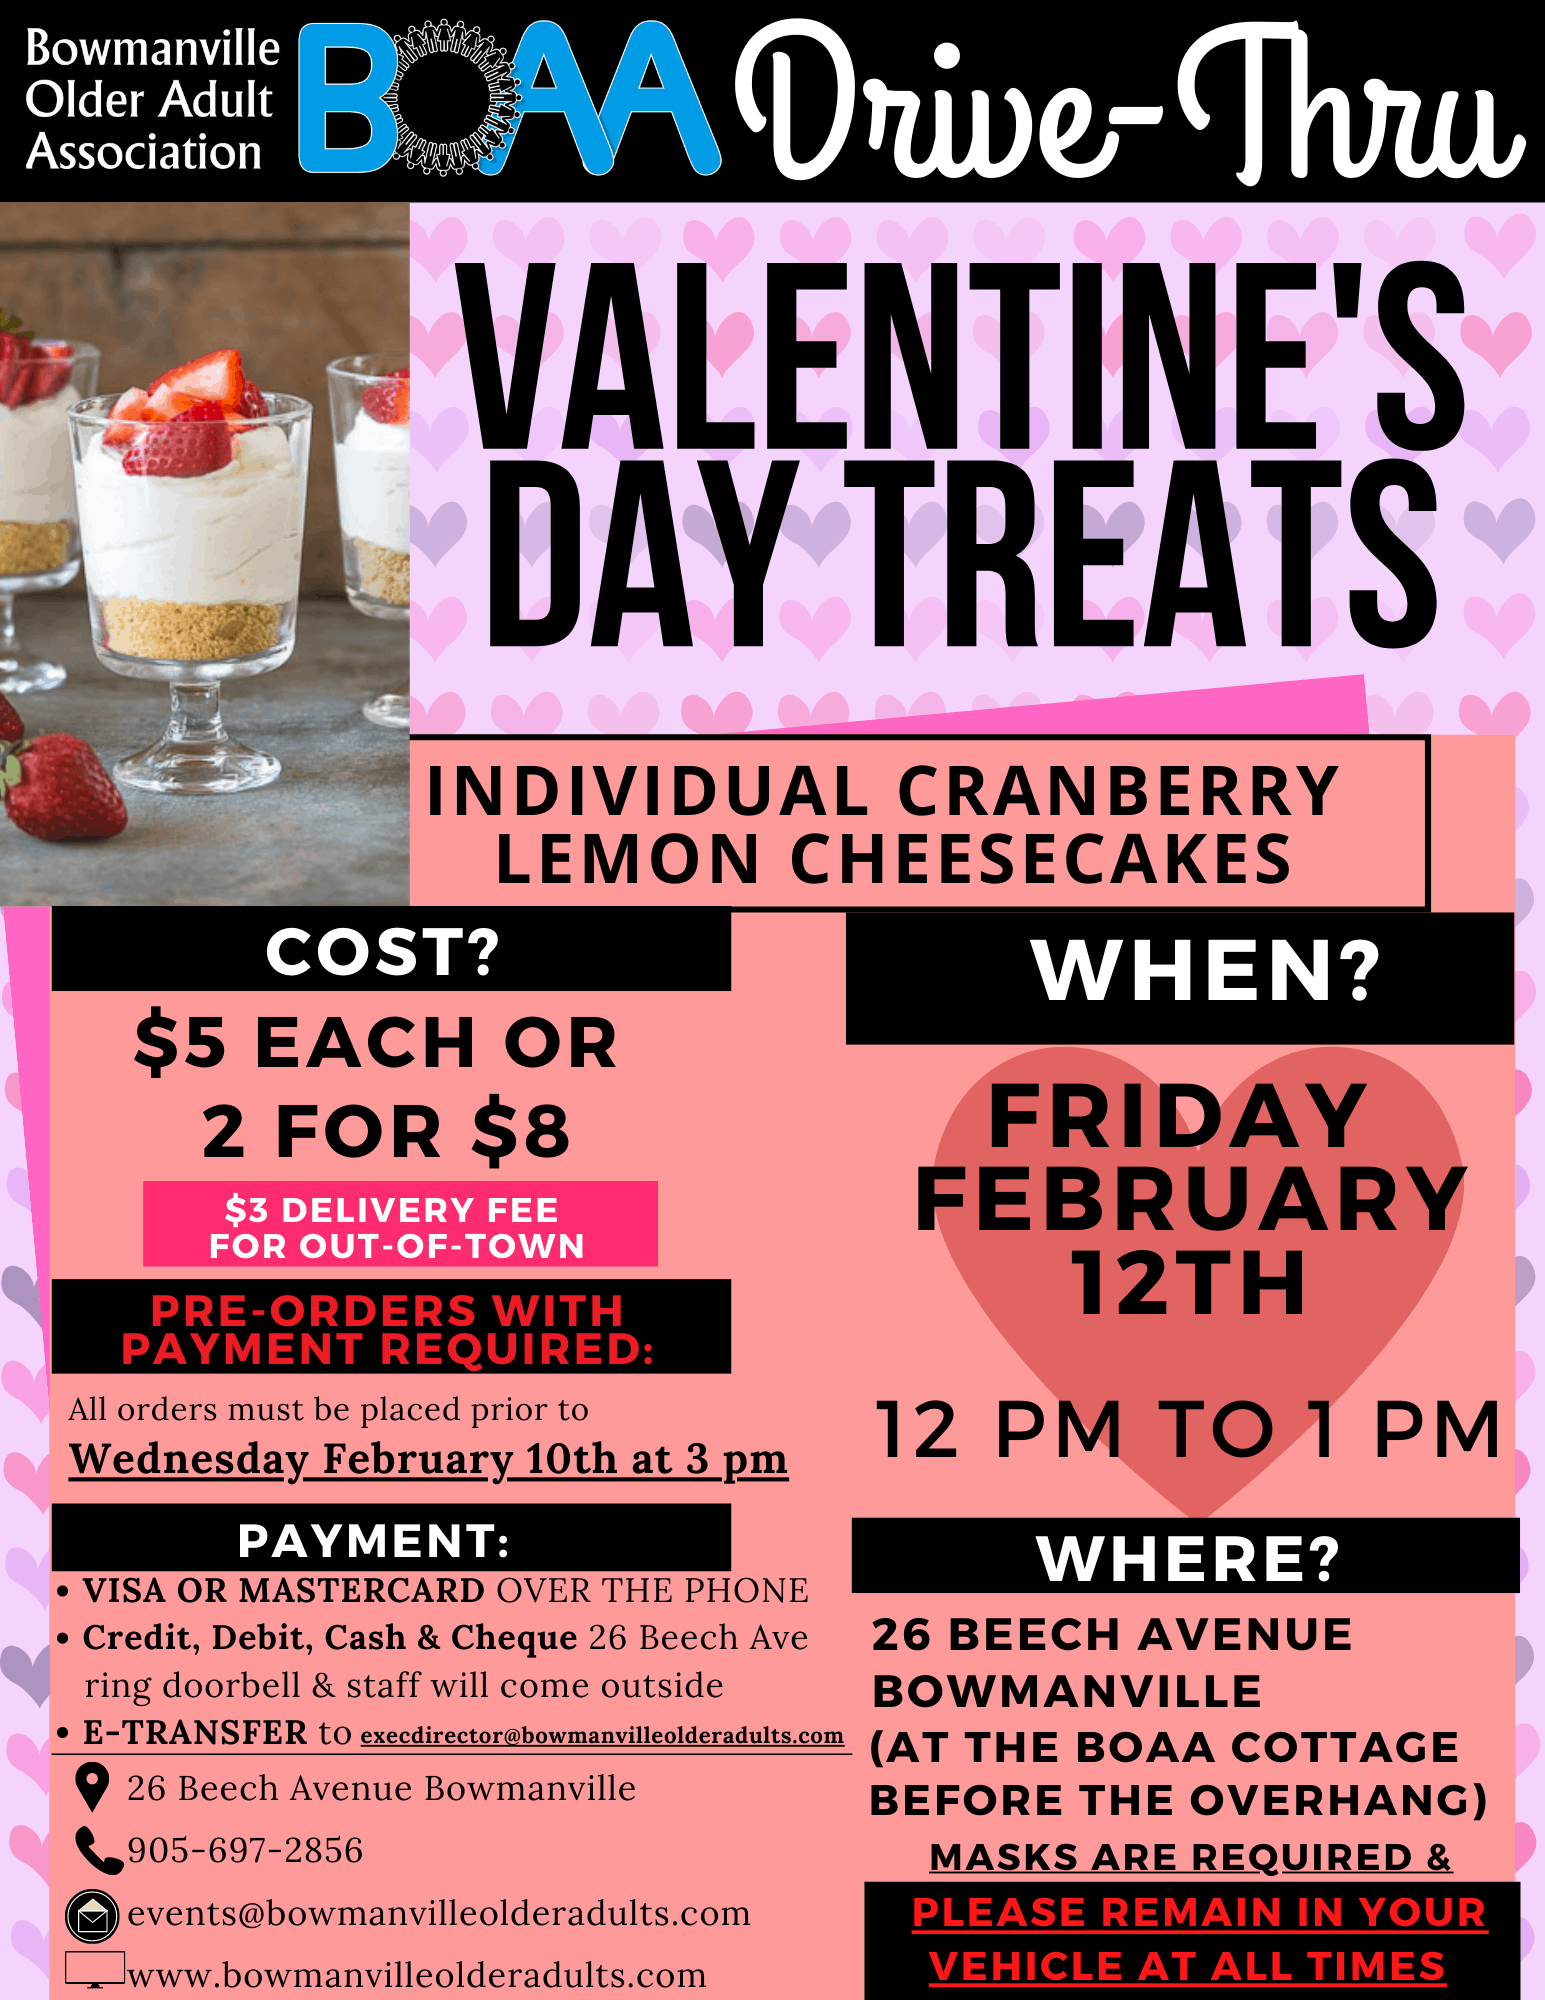 NEW BOAA'S DRIVE-THRU Valentine's Treats – Friday February 12th!💝